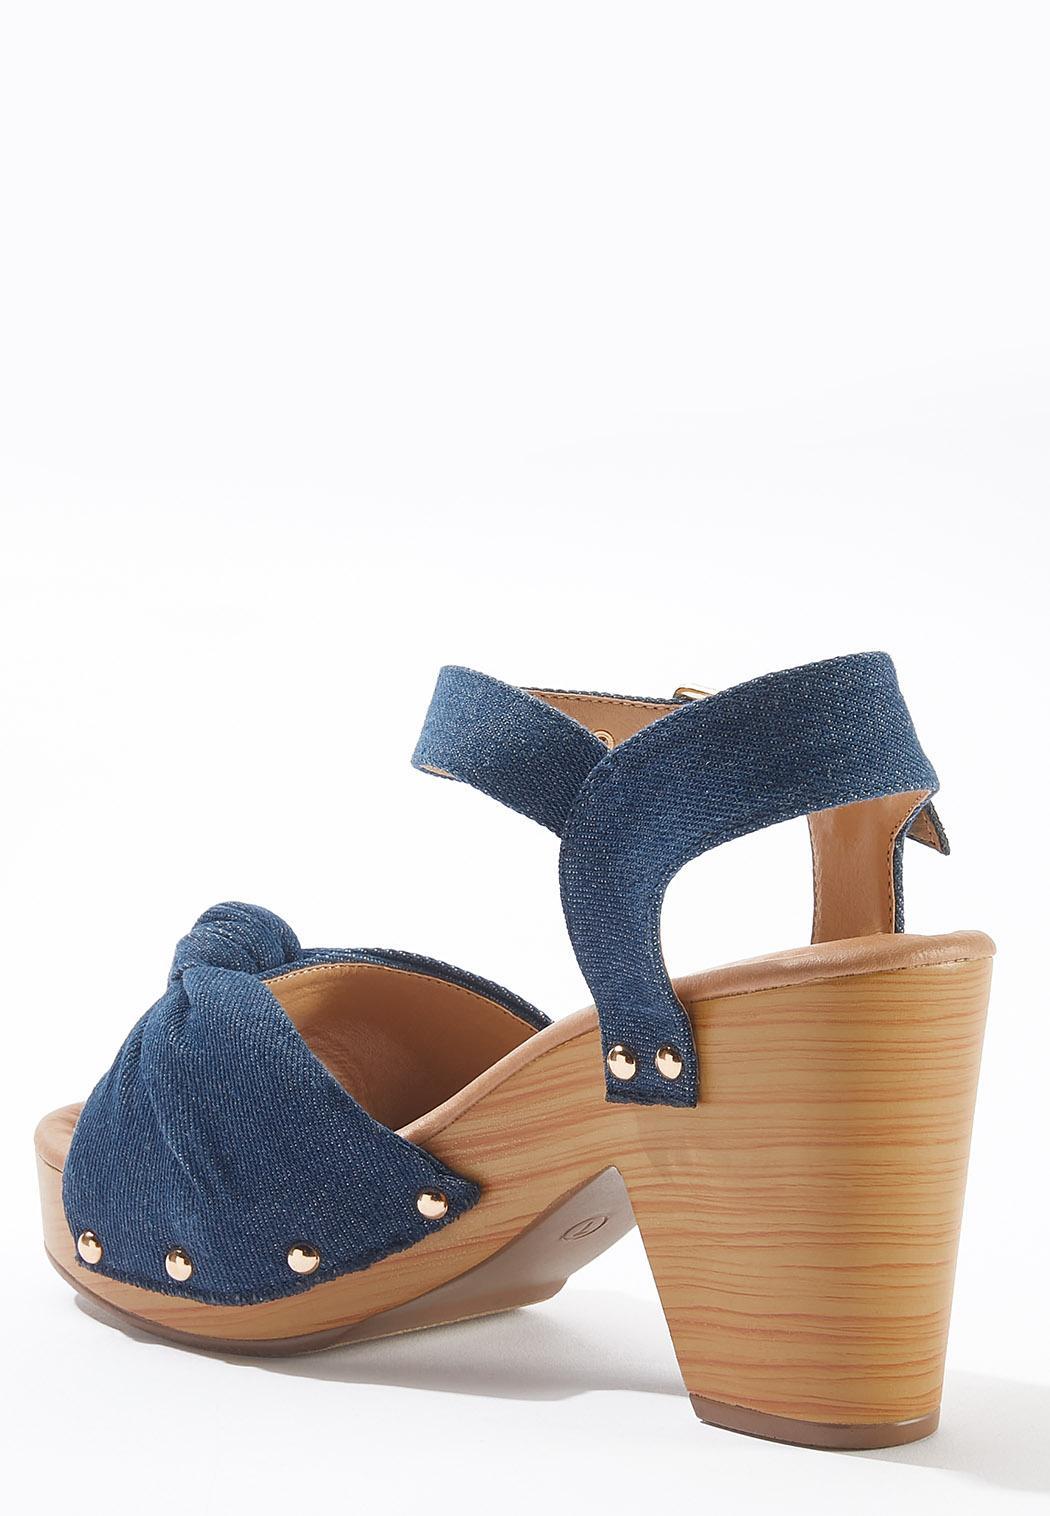 Denim Knotted Platform Sandals (Item #44590881)